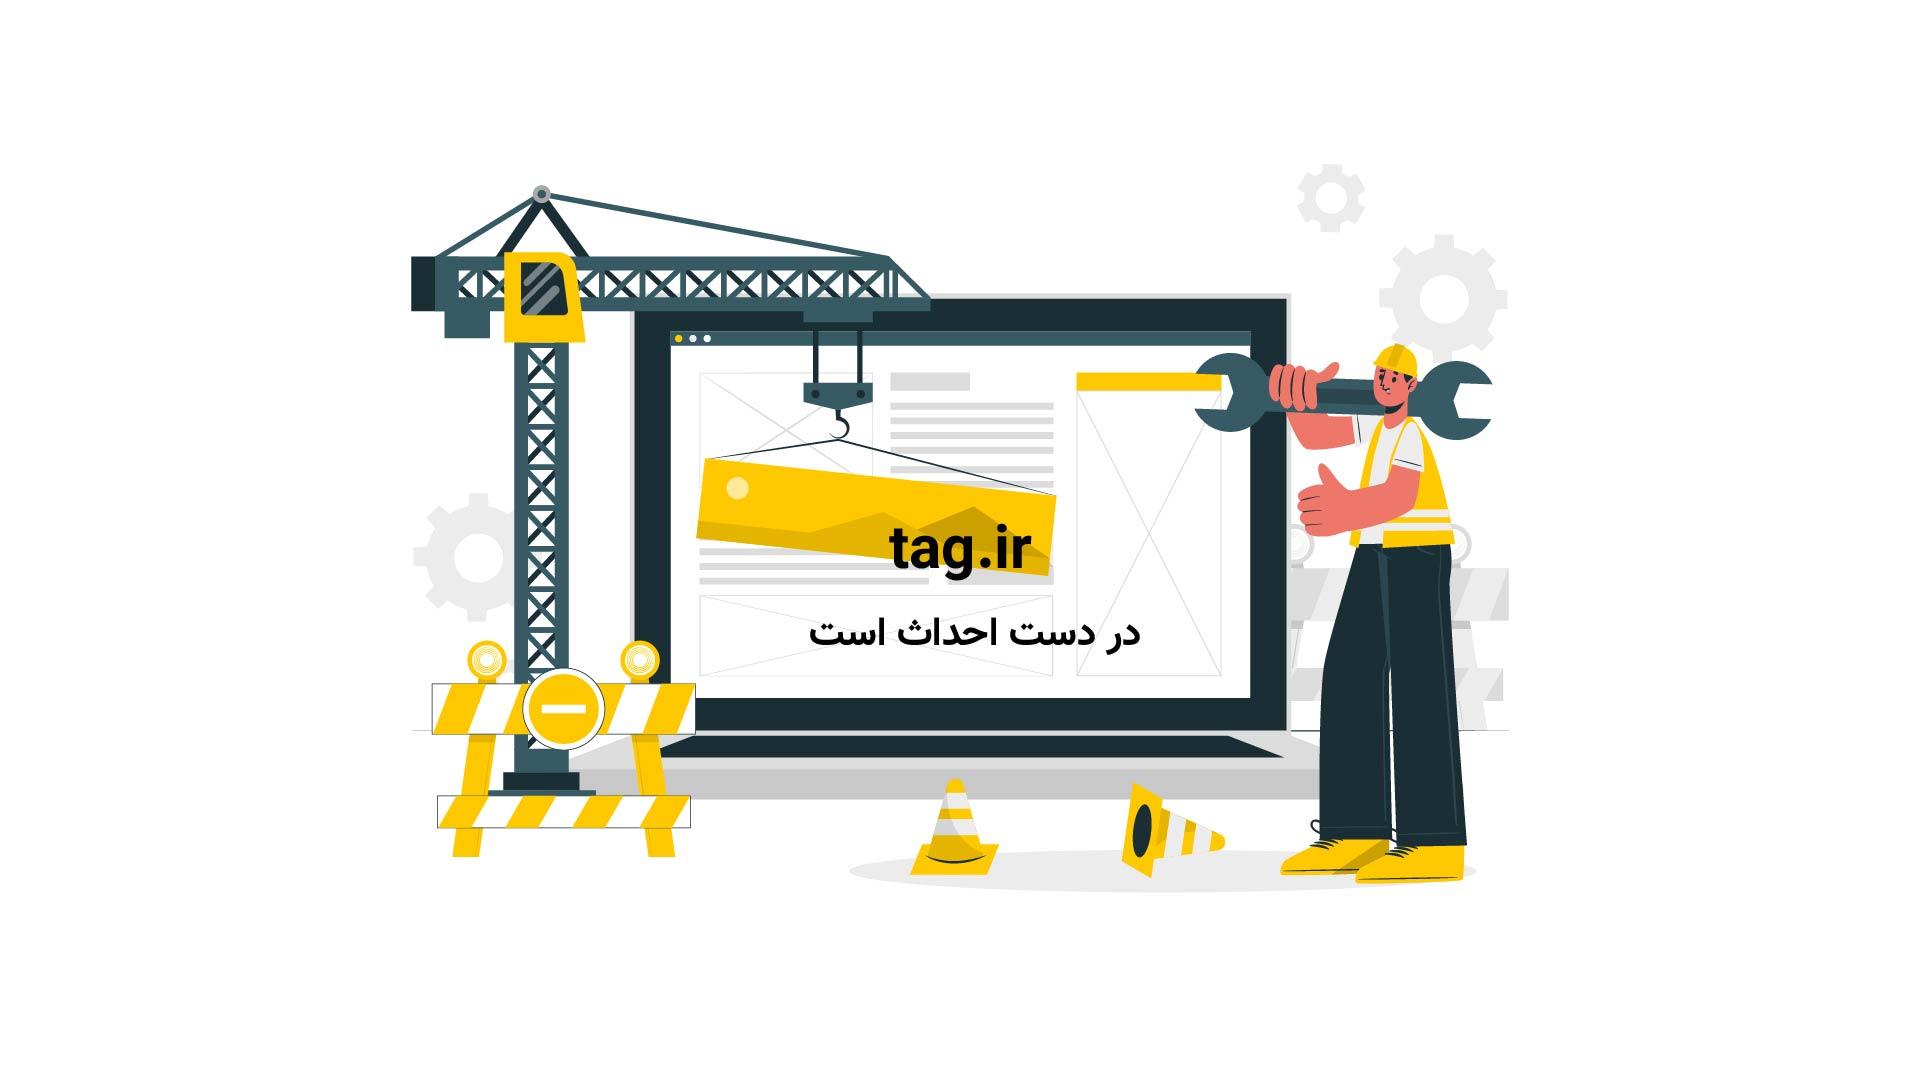 فاطمه هاشمی سرلشکر فیروزآبادی | تگ